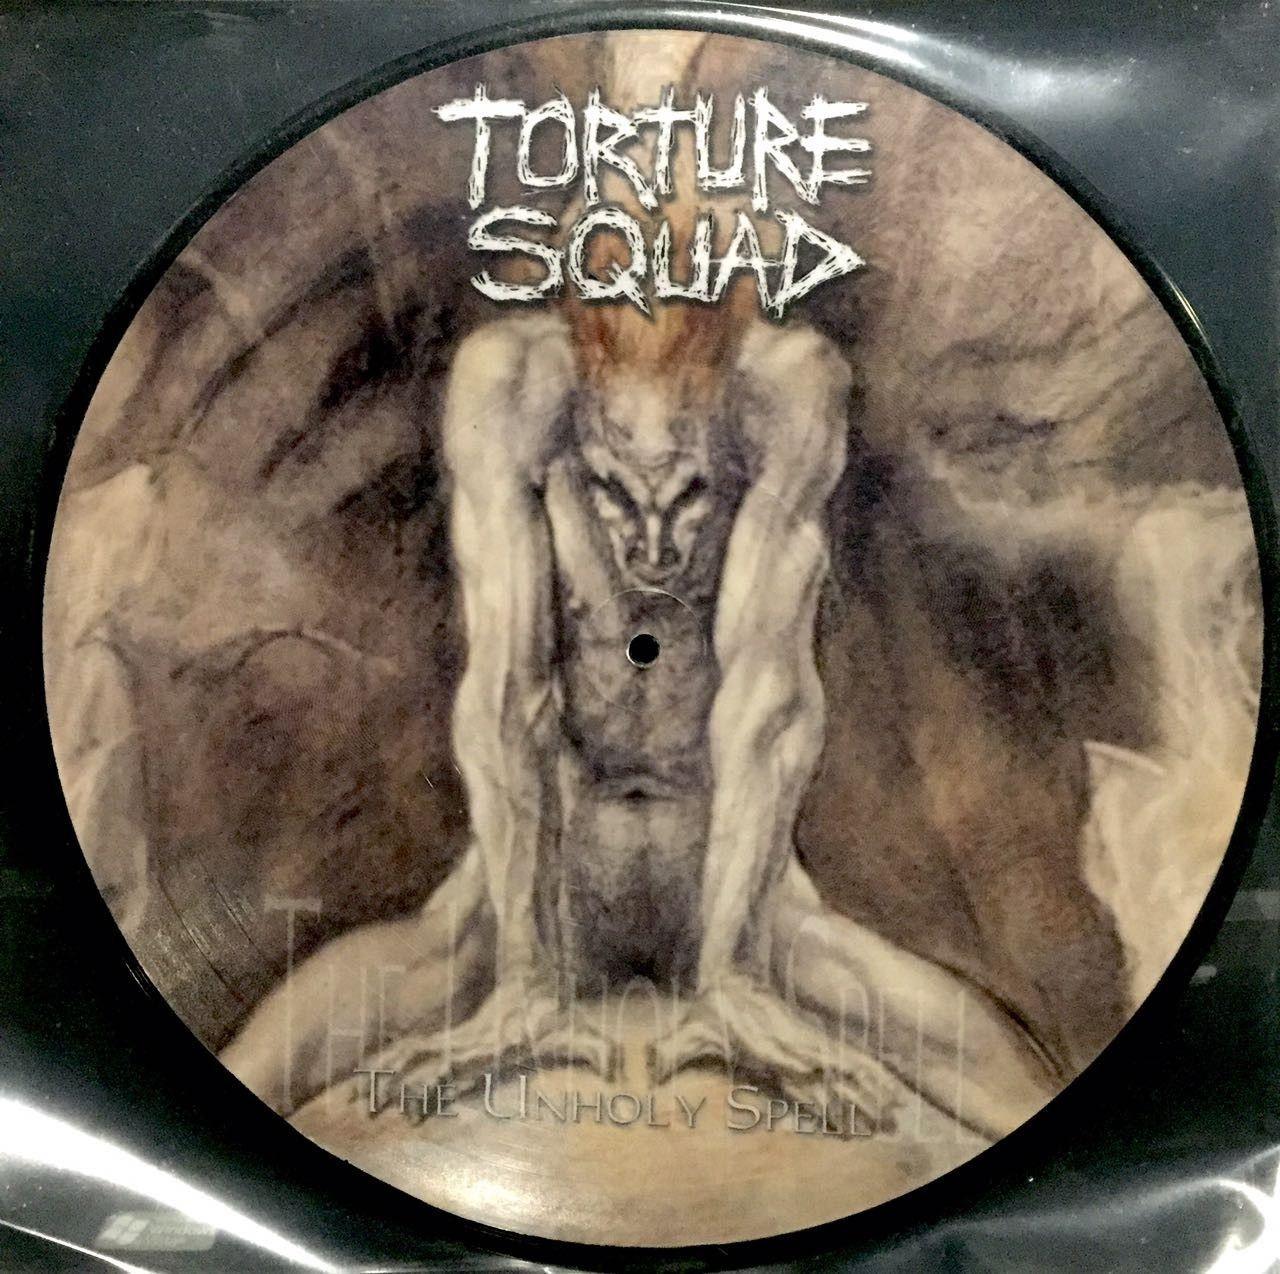 LP – Torture Squad – The Unholy Spell ( LP Picture Importado )